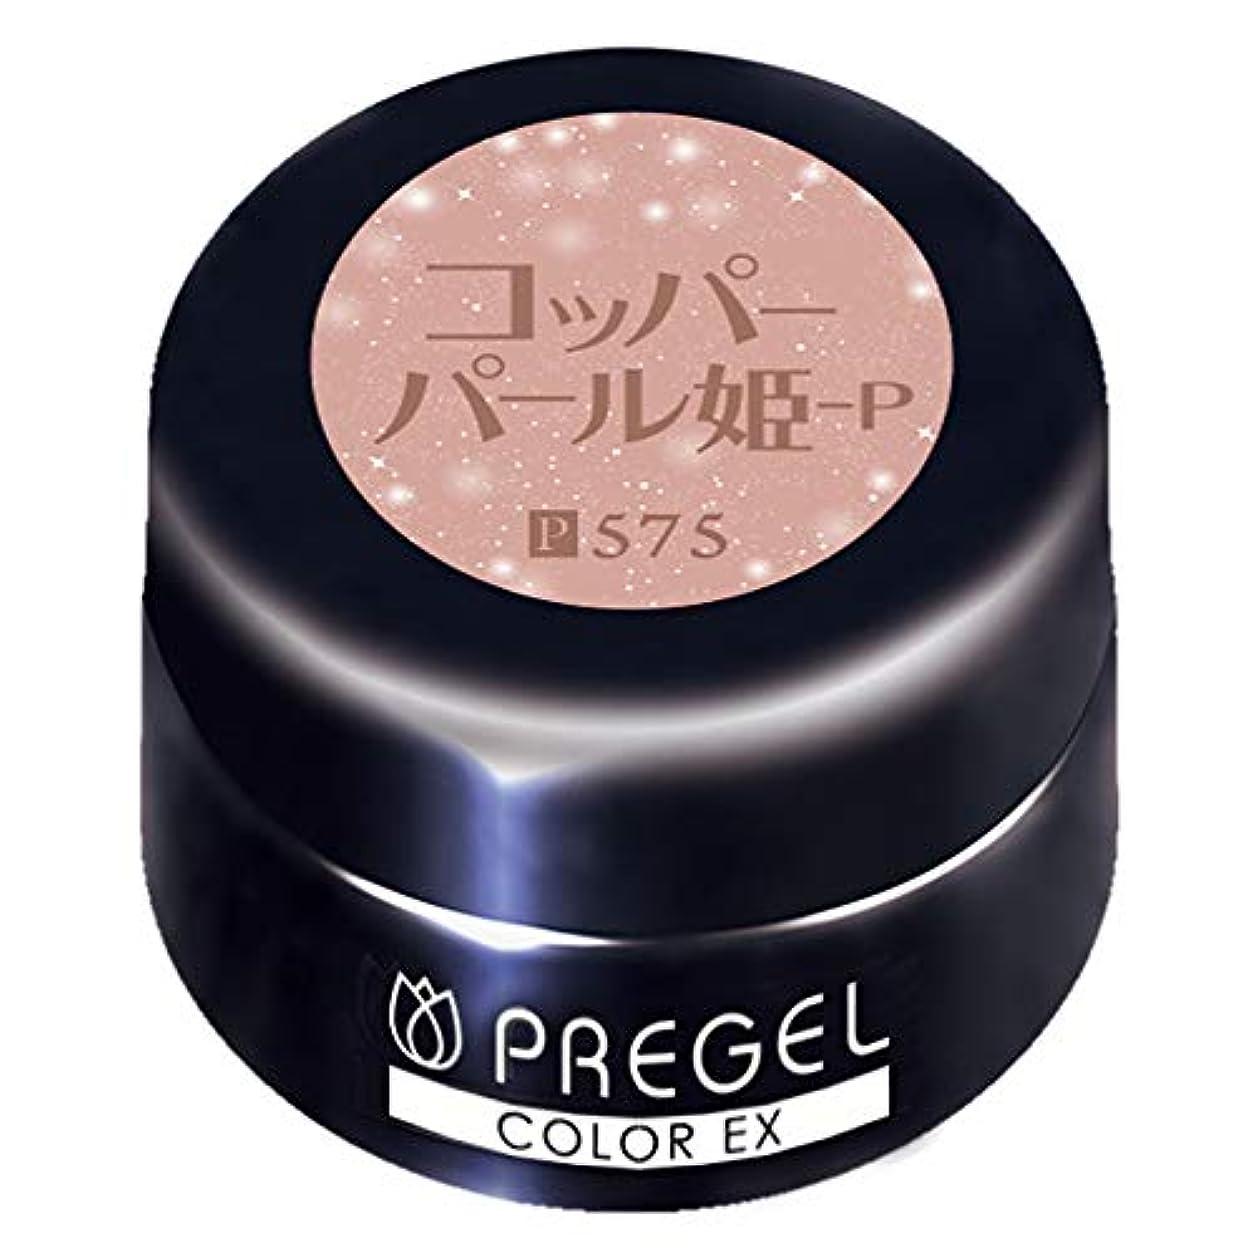 気晴らしと従事したPRE GEL(プリジェル) PRE GEL カラージェル カラーEX コッパーパール姫-P 3g PG-CE575 UV/LED対応 ジェルネイル